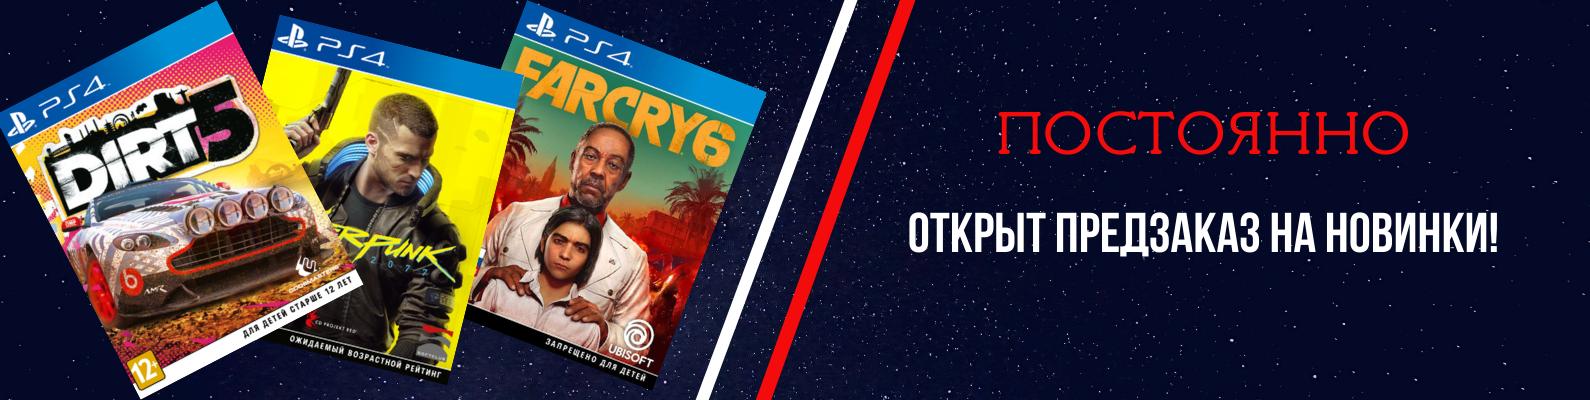 PS4: Новинки игр